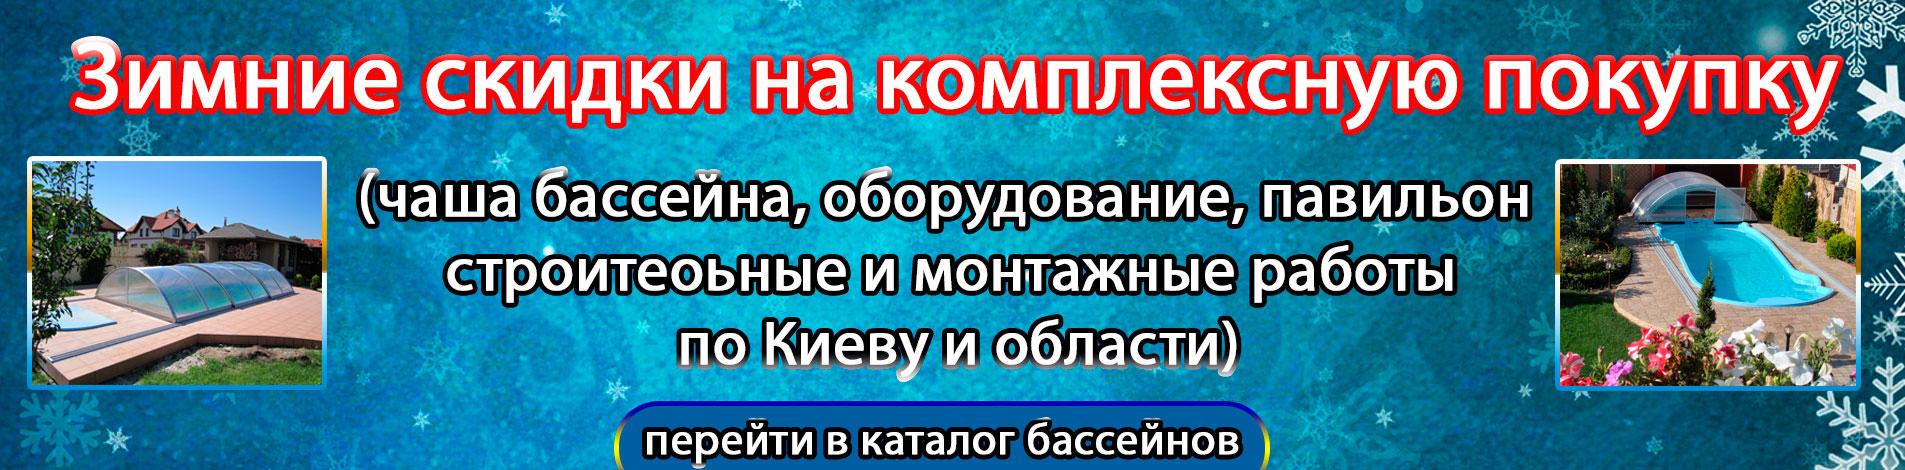 akciya-6